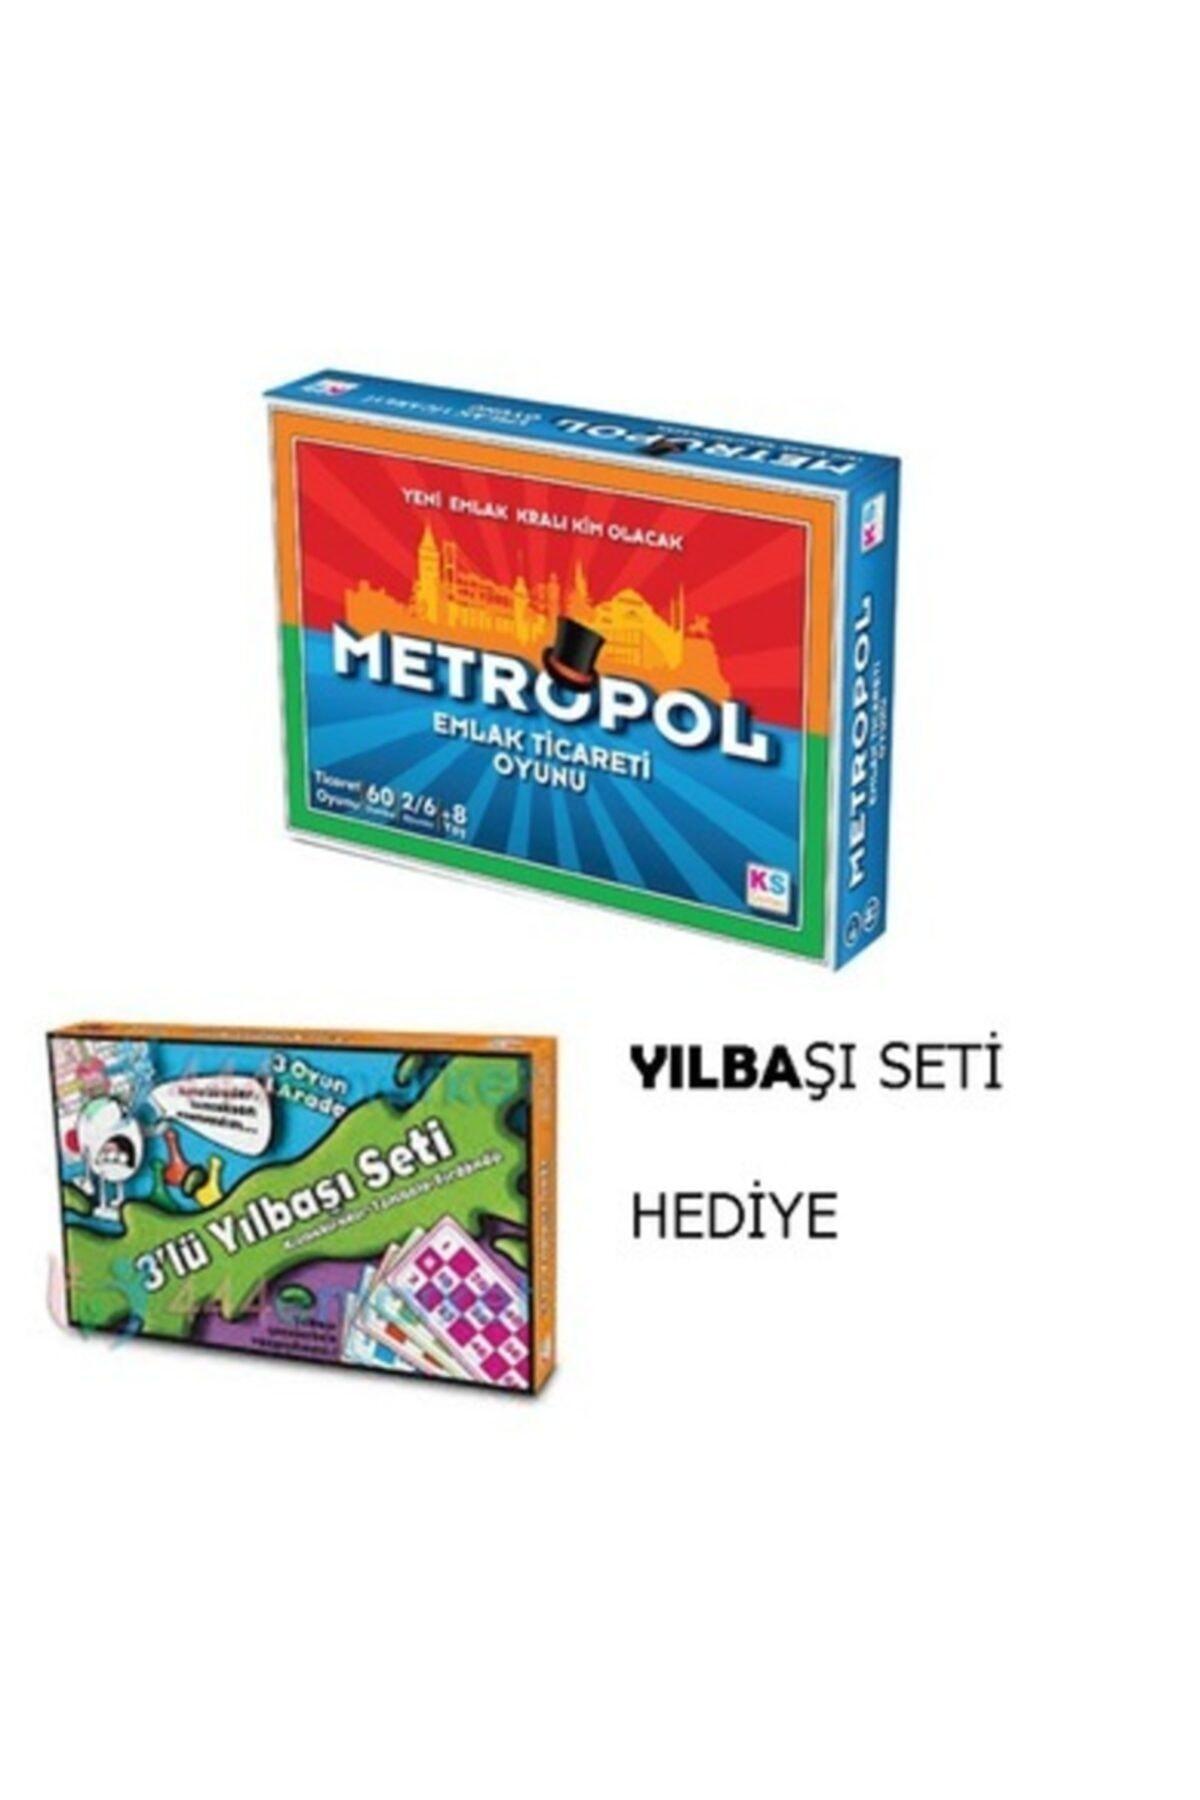 Ks Games Metropol Emlak Ticaret Oyunu -Tombala Kızmabirader -Fırdöndü Birarada Kutu Oyunları 1